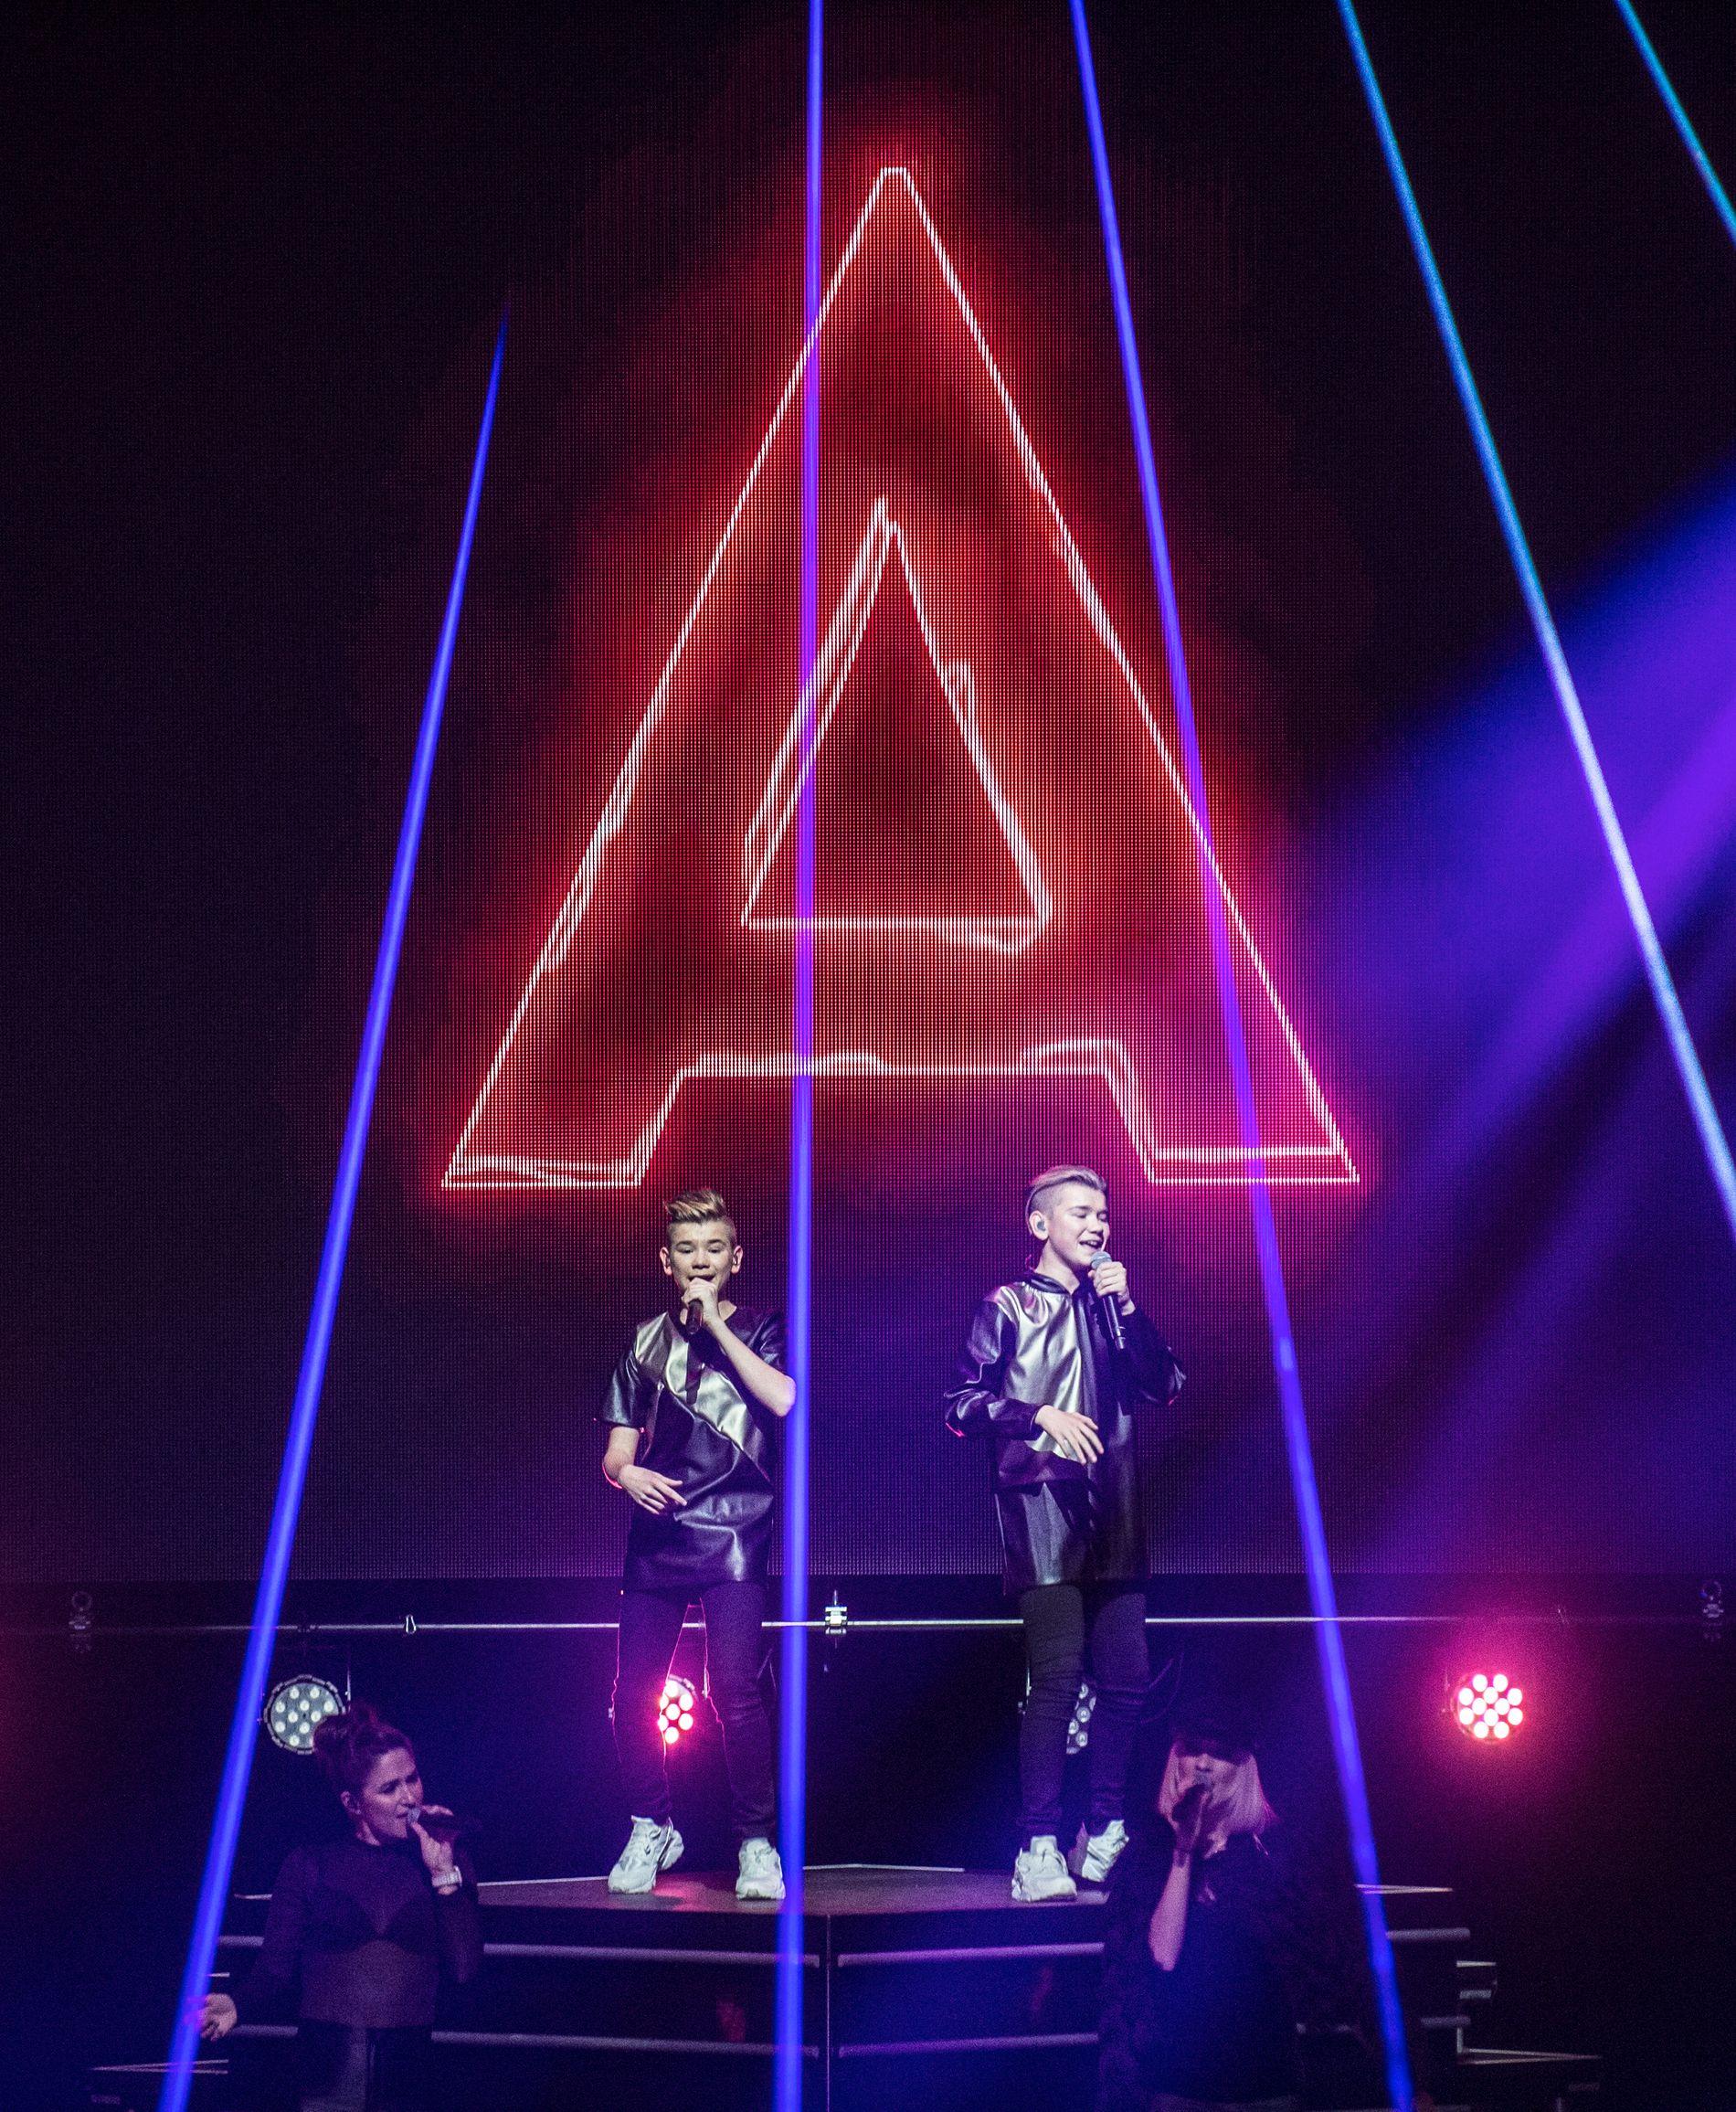 STORT FORMAT: Marcus & Martinus er nå etablerte som konsertattraksjon i arenaformat. Her i Oslo Spektrum Foto: CHRISTIAN CLAUSEN